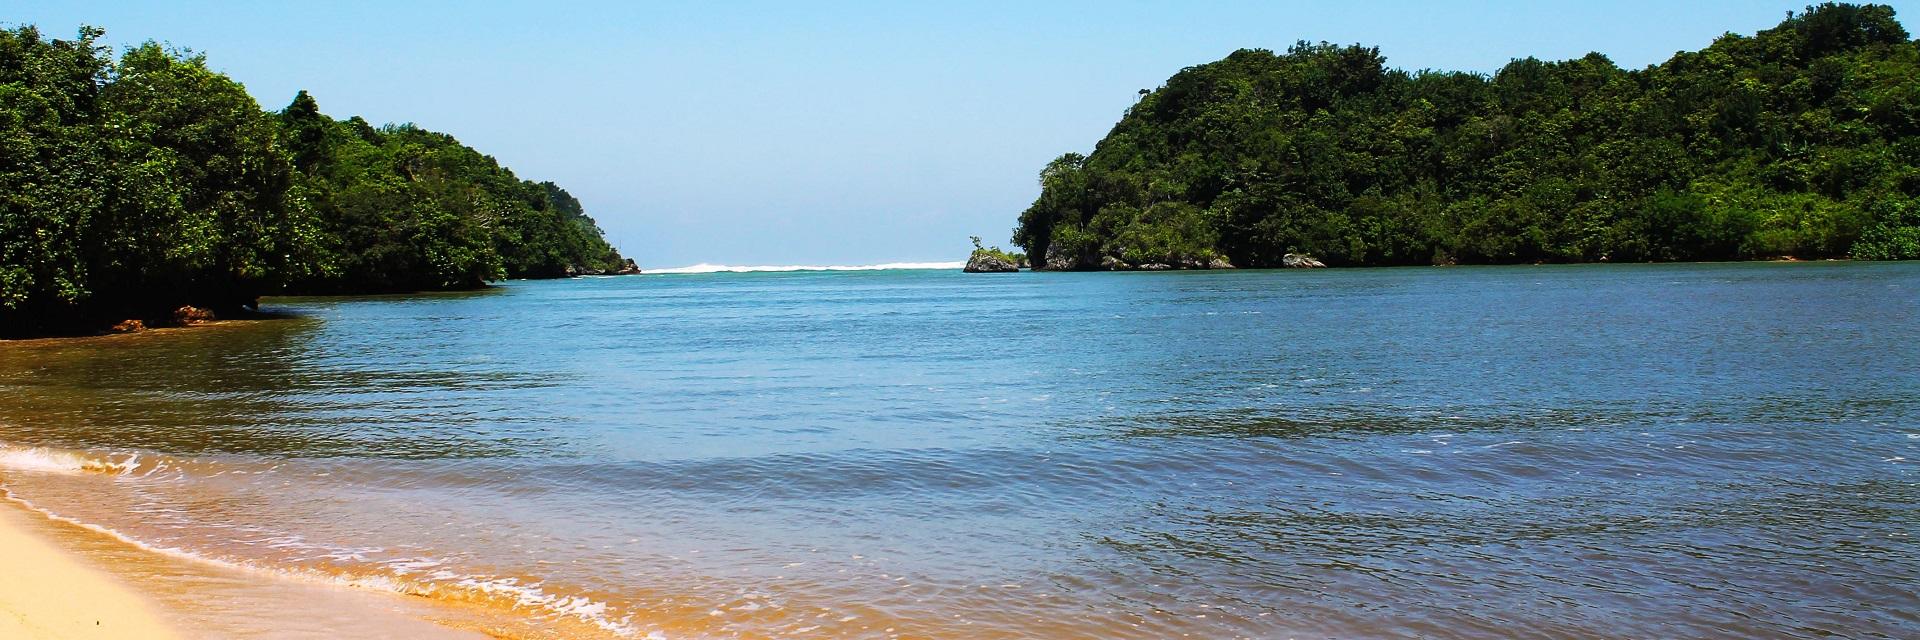 Pantai Teluk Asmoro Malang, Kabupaten Malang, Dolan Dolen, Dolaners Pantai Teluk Asmoro Malang via noli - Dolan Dolen